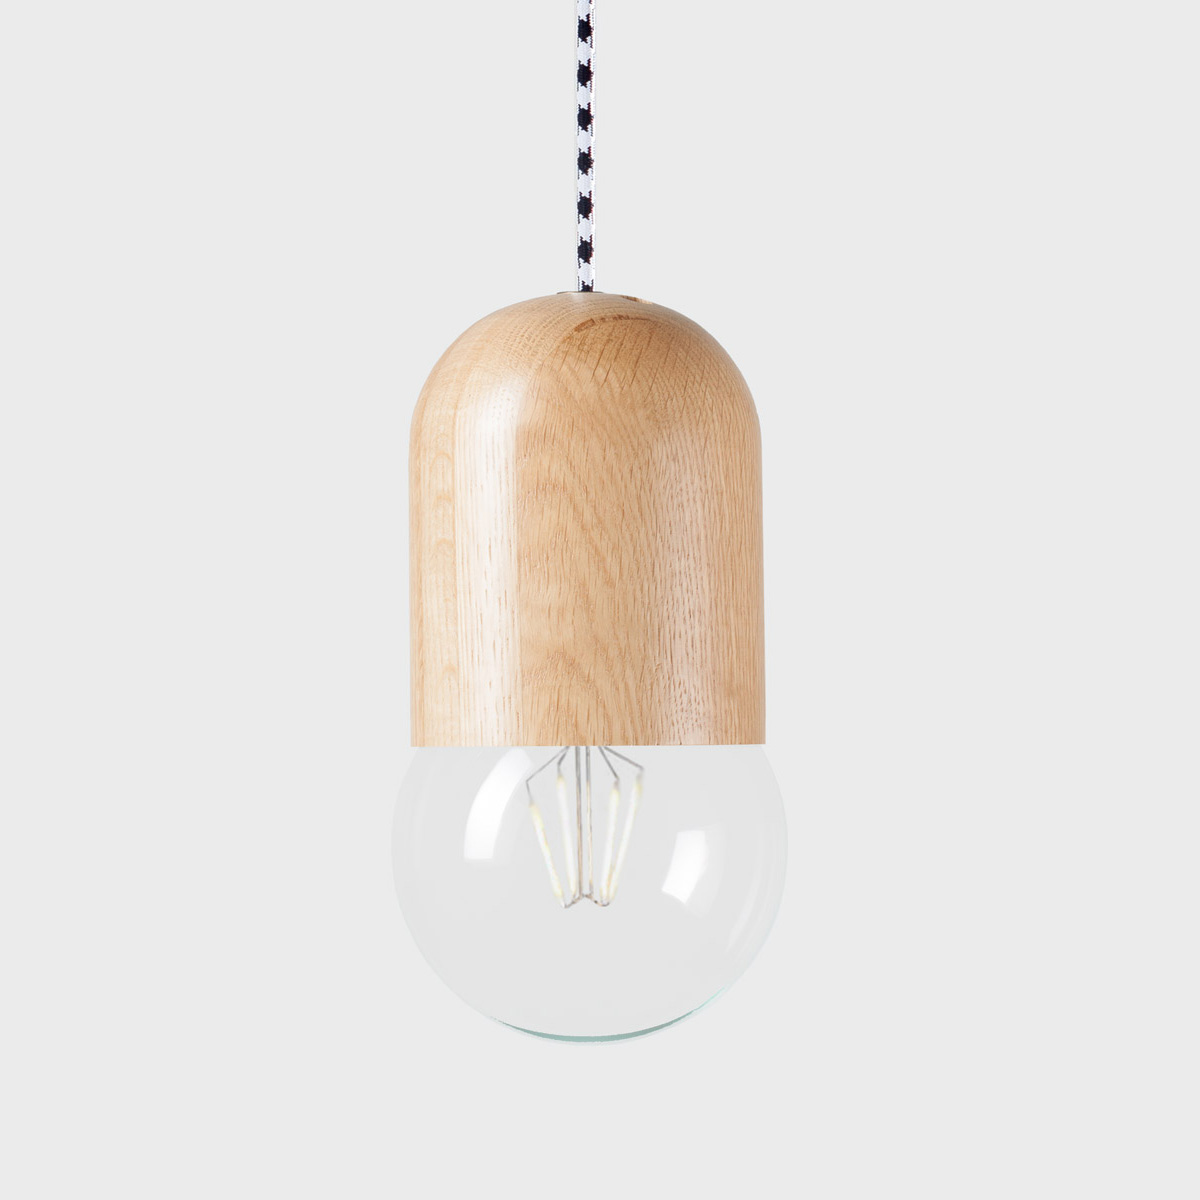 Подвесной светильник Light Bean Bubble с чёрно-белым проводомПодвесные светильники<br><br>